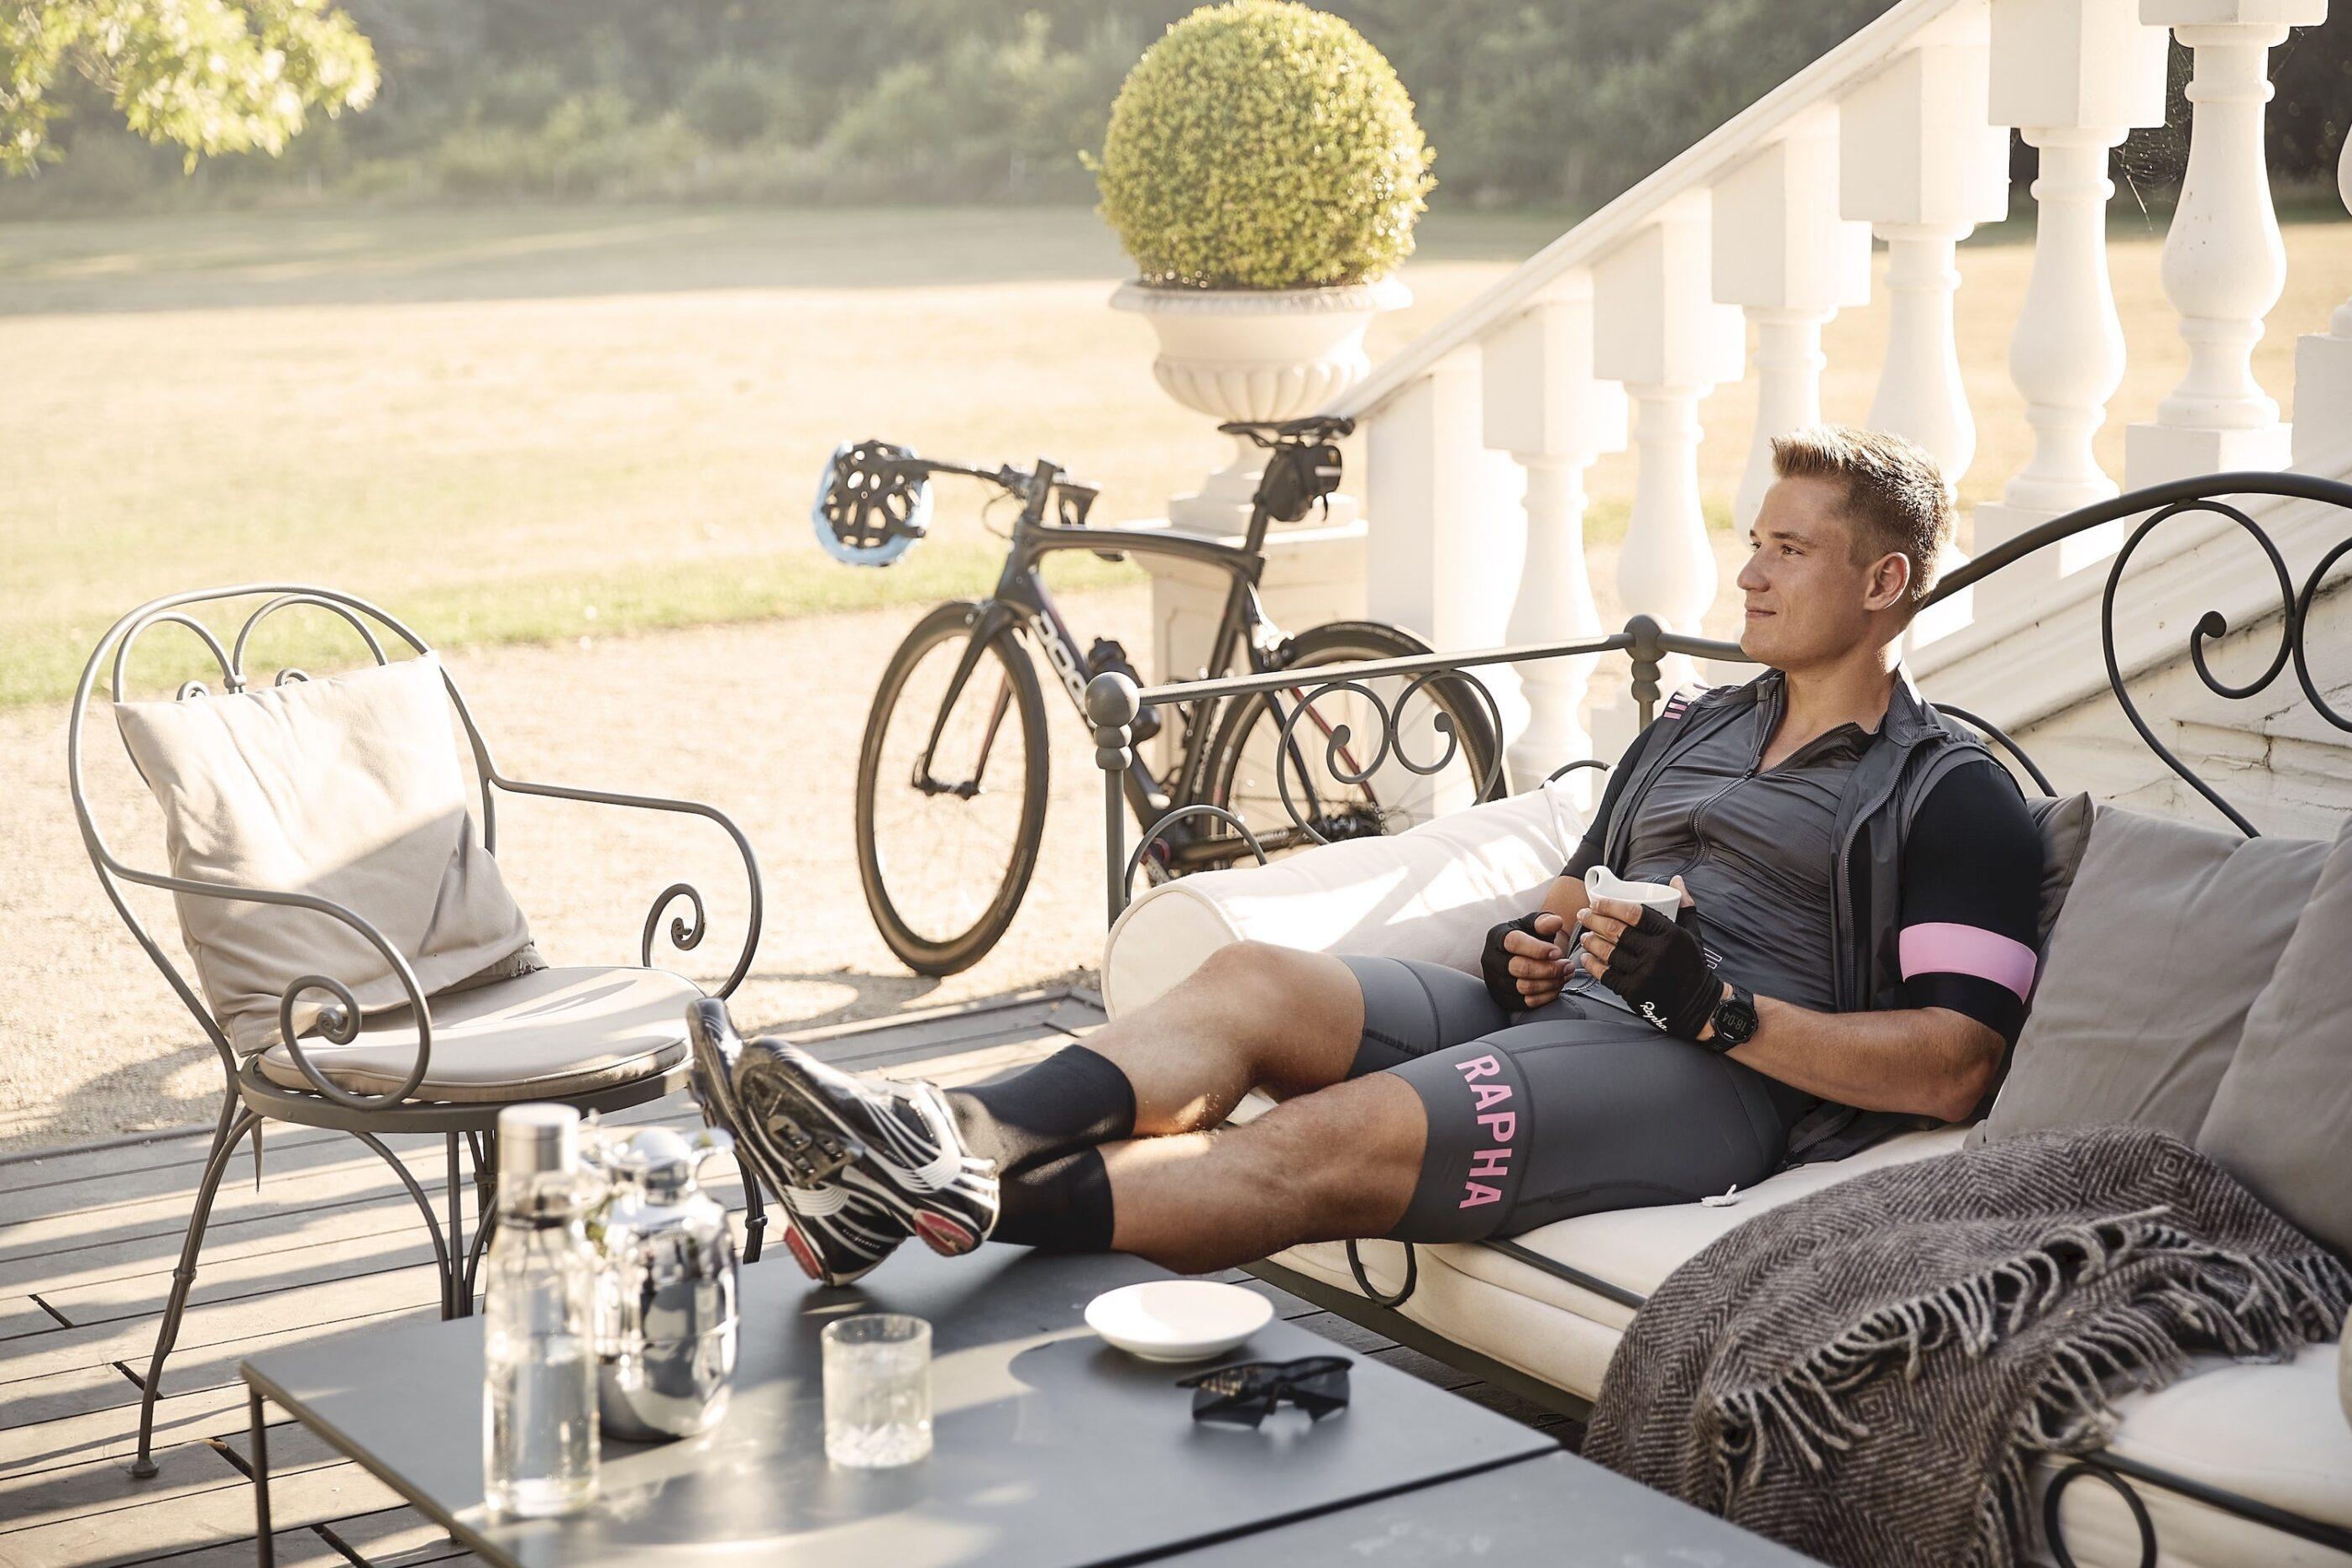 En mand iført cykeltøj slapper af på sofaen ved hotellets indgang med benene op på bordet og en varm drink i hånden